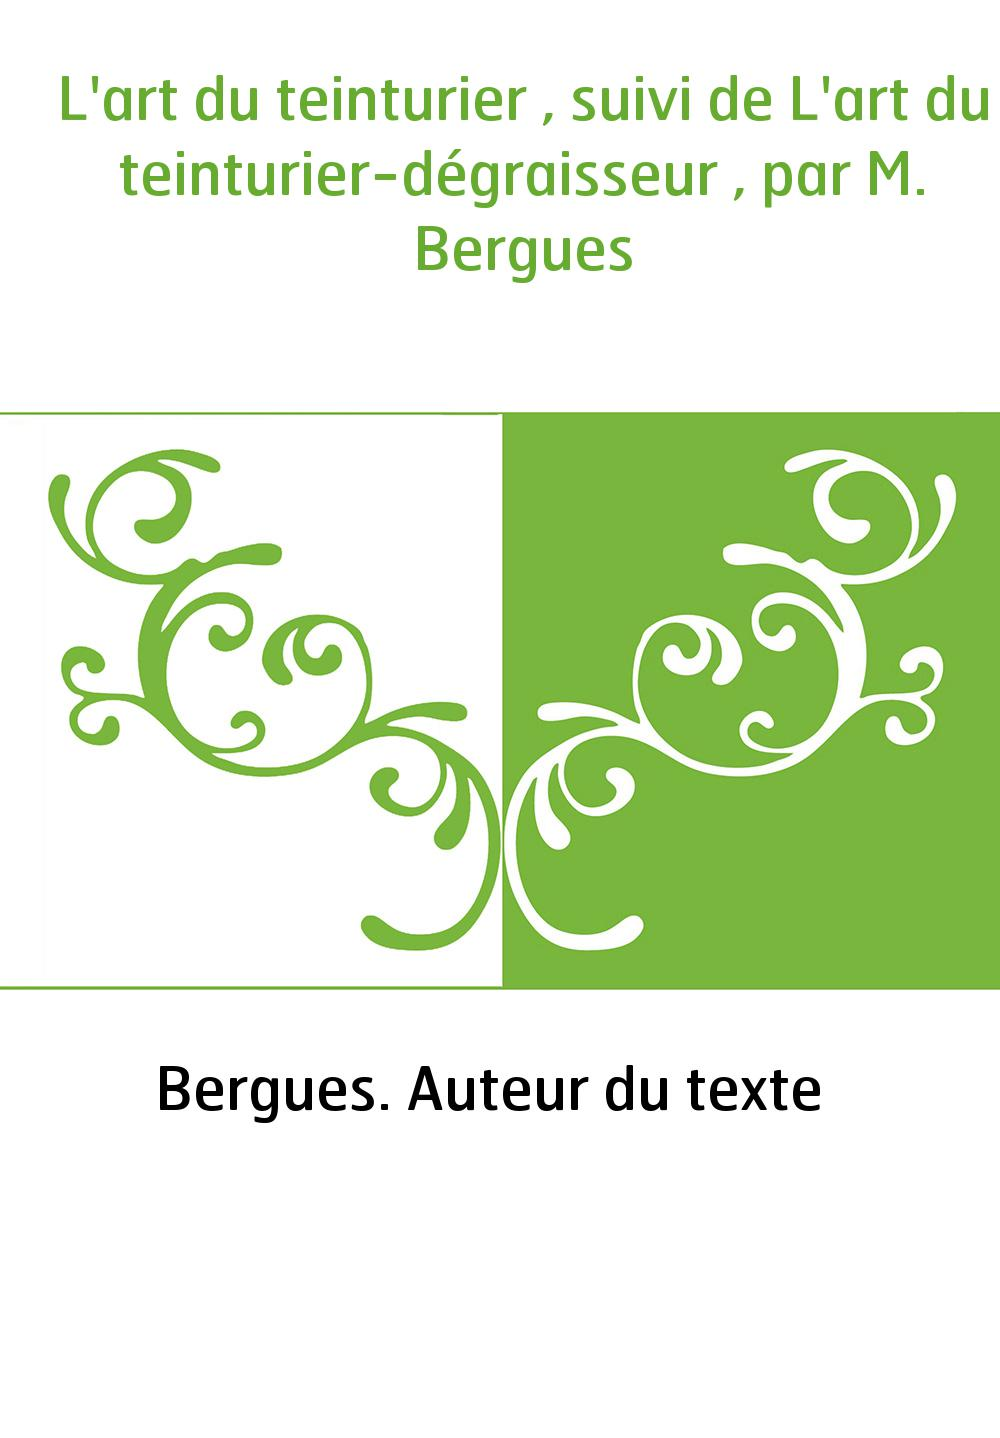 L'art du teinturier , suivi de L'art du teinturier-dégraisseur , par M. Bergues